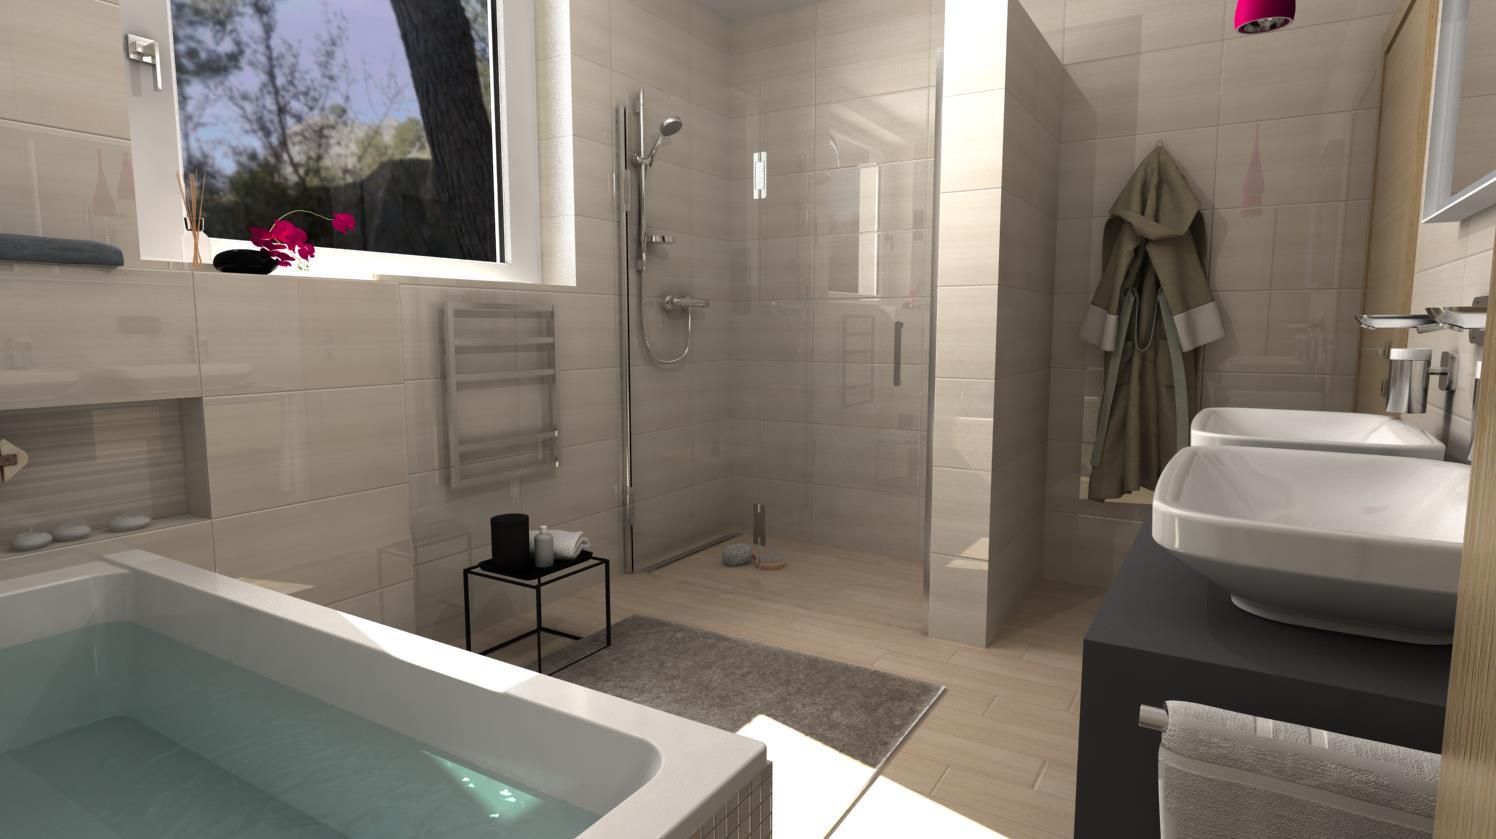 Vizualizácie kúpeľní - Obrázok č. 55